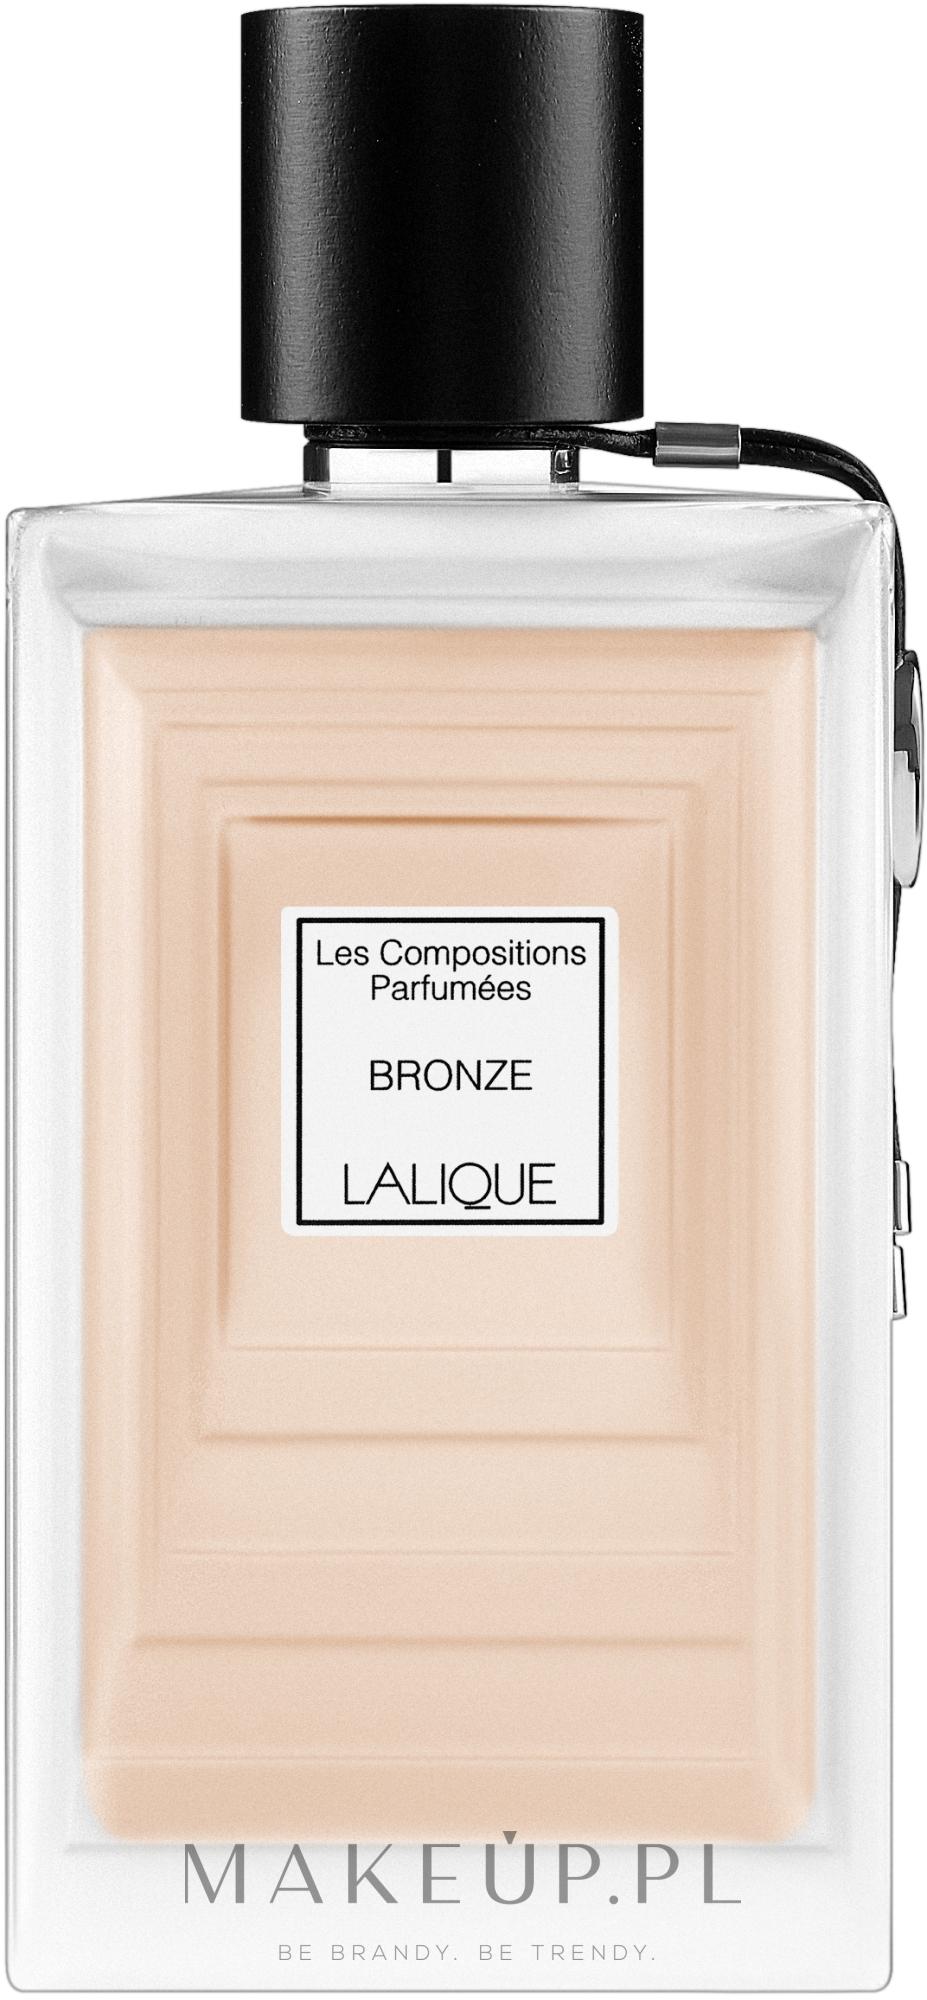 lalique les compositions parfumees - bronze